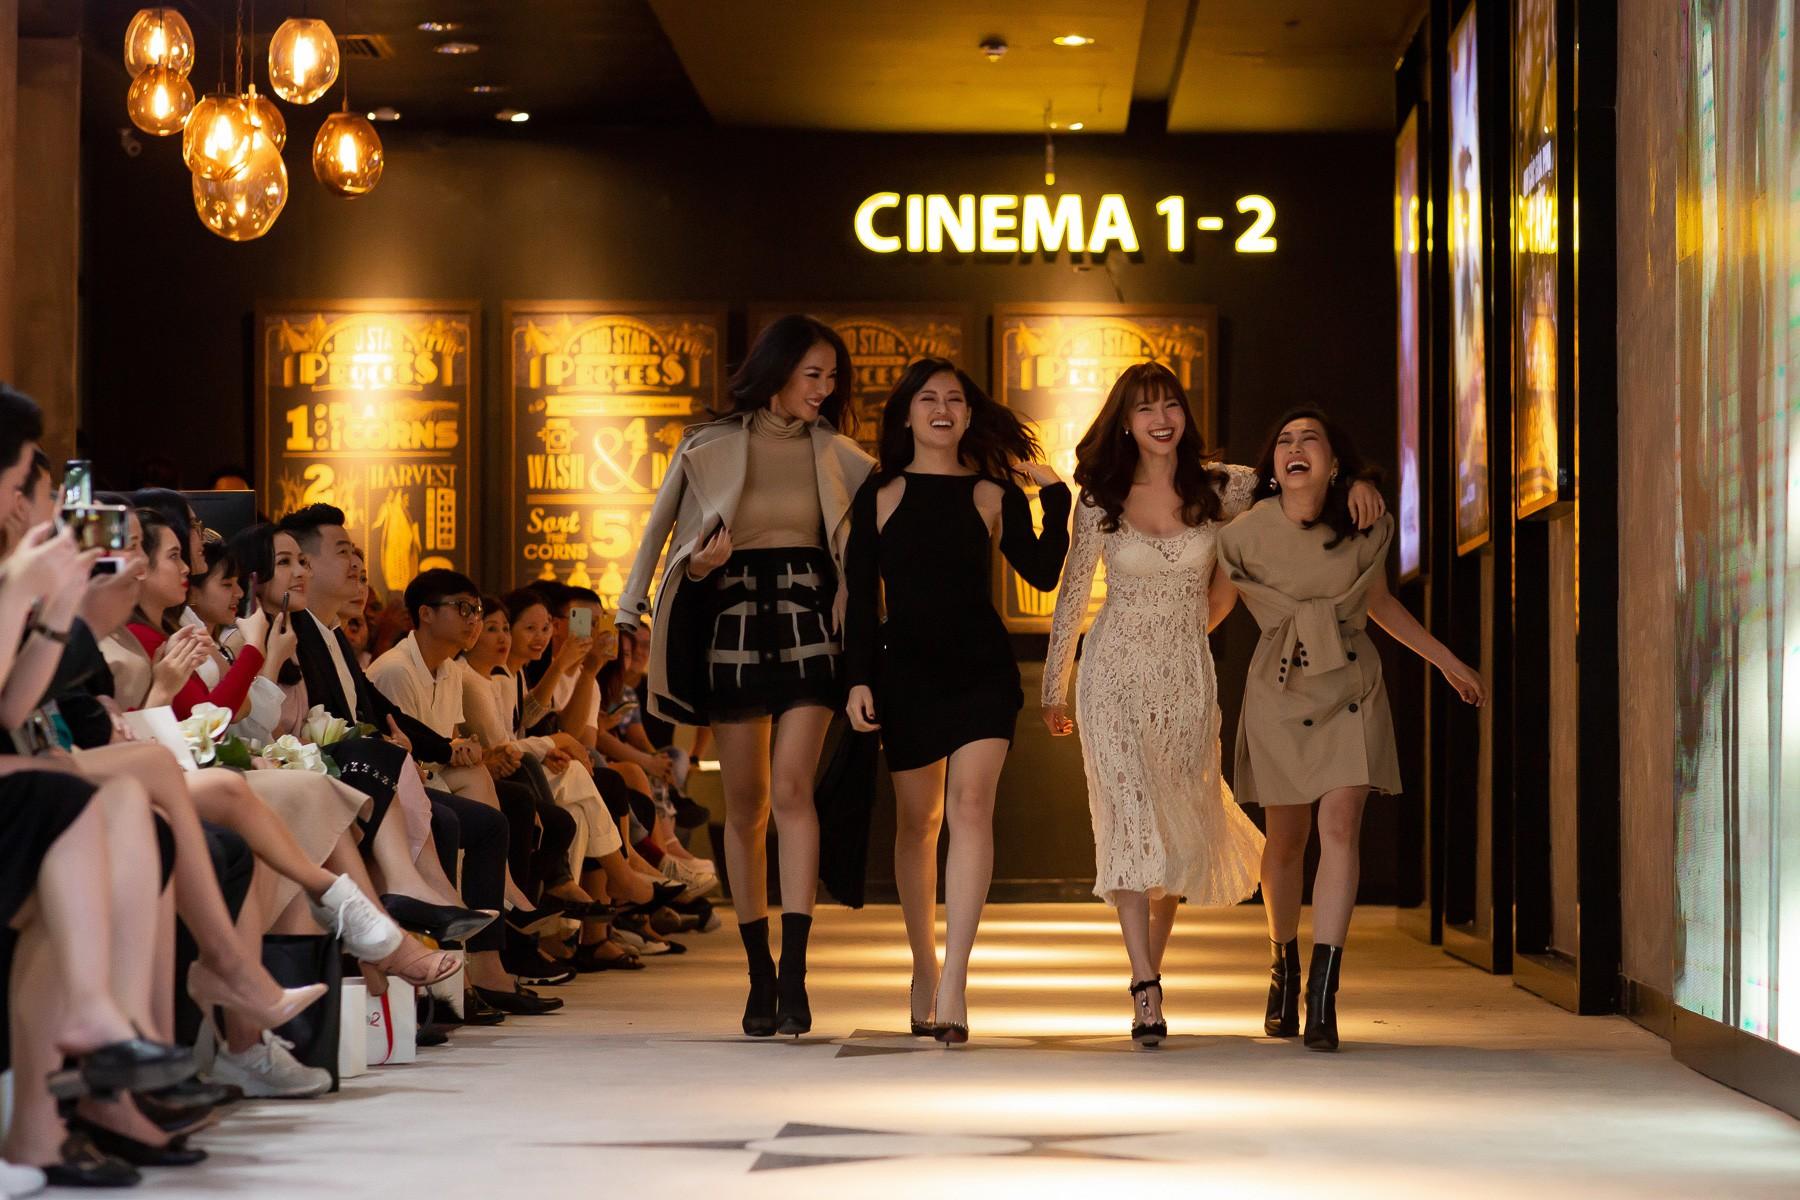 Dàn sao Gái Già Lắm Chiêu 2 bất ngờ gây náo loạn sàn catwalk, chinh phục công chúng bằng BTS ấn tượng của Lâm Gia Khang - Ảnh 14.